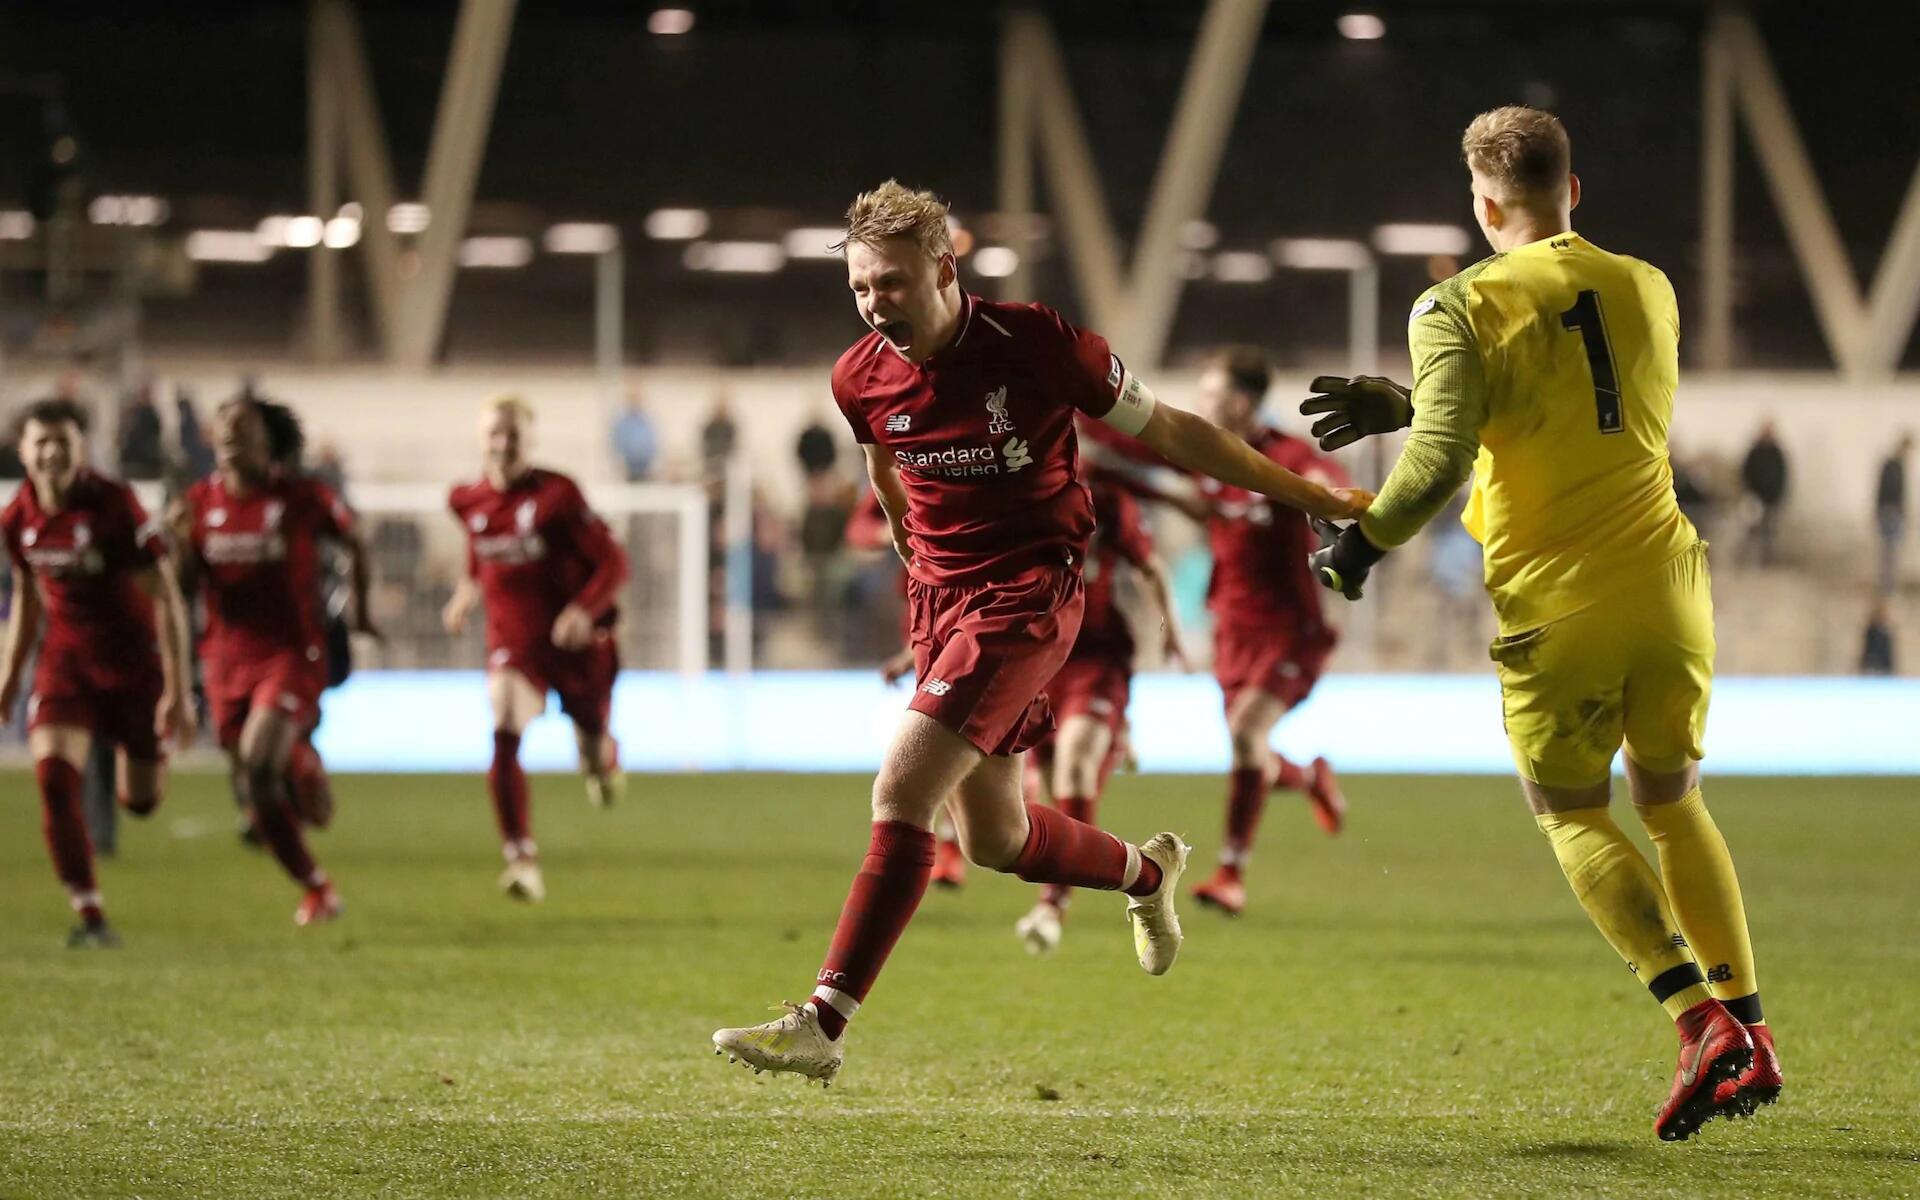 点球大战!利物浦青年队战胜曼城青年队夺得足总杯冠军